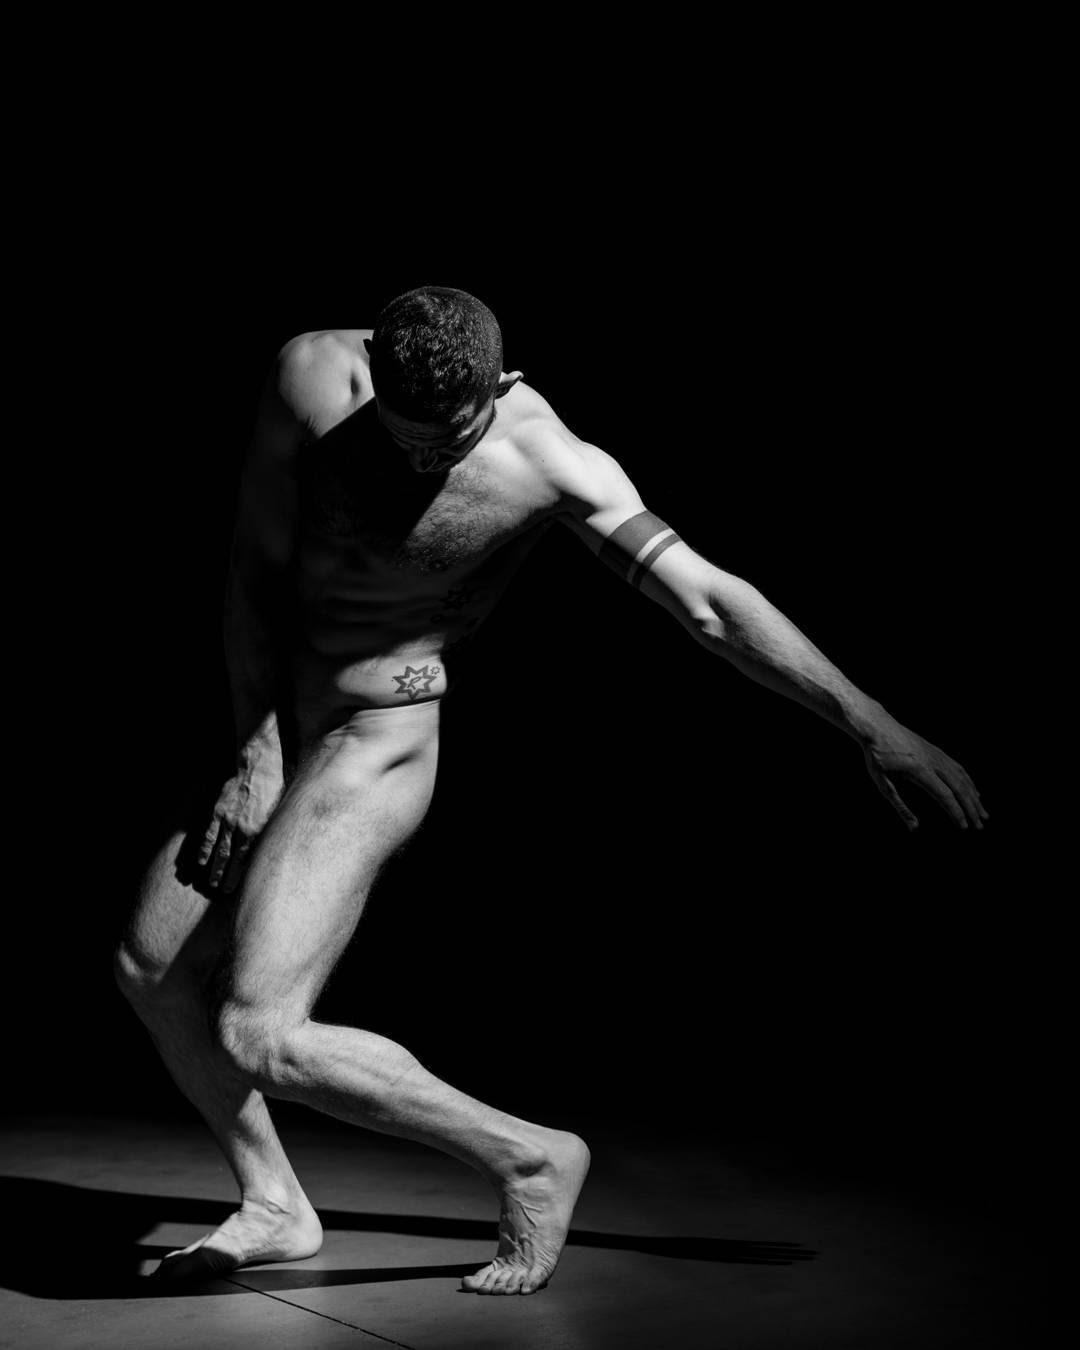 Dancer in the LIGHT, by Lorenzo Passini ft Rexhino Kalja (NSFW).